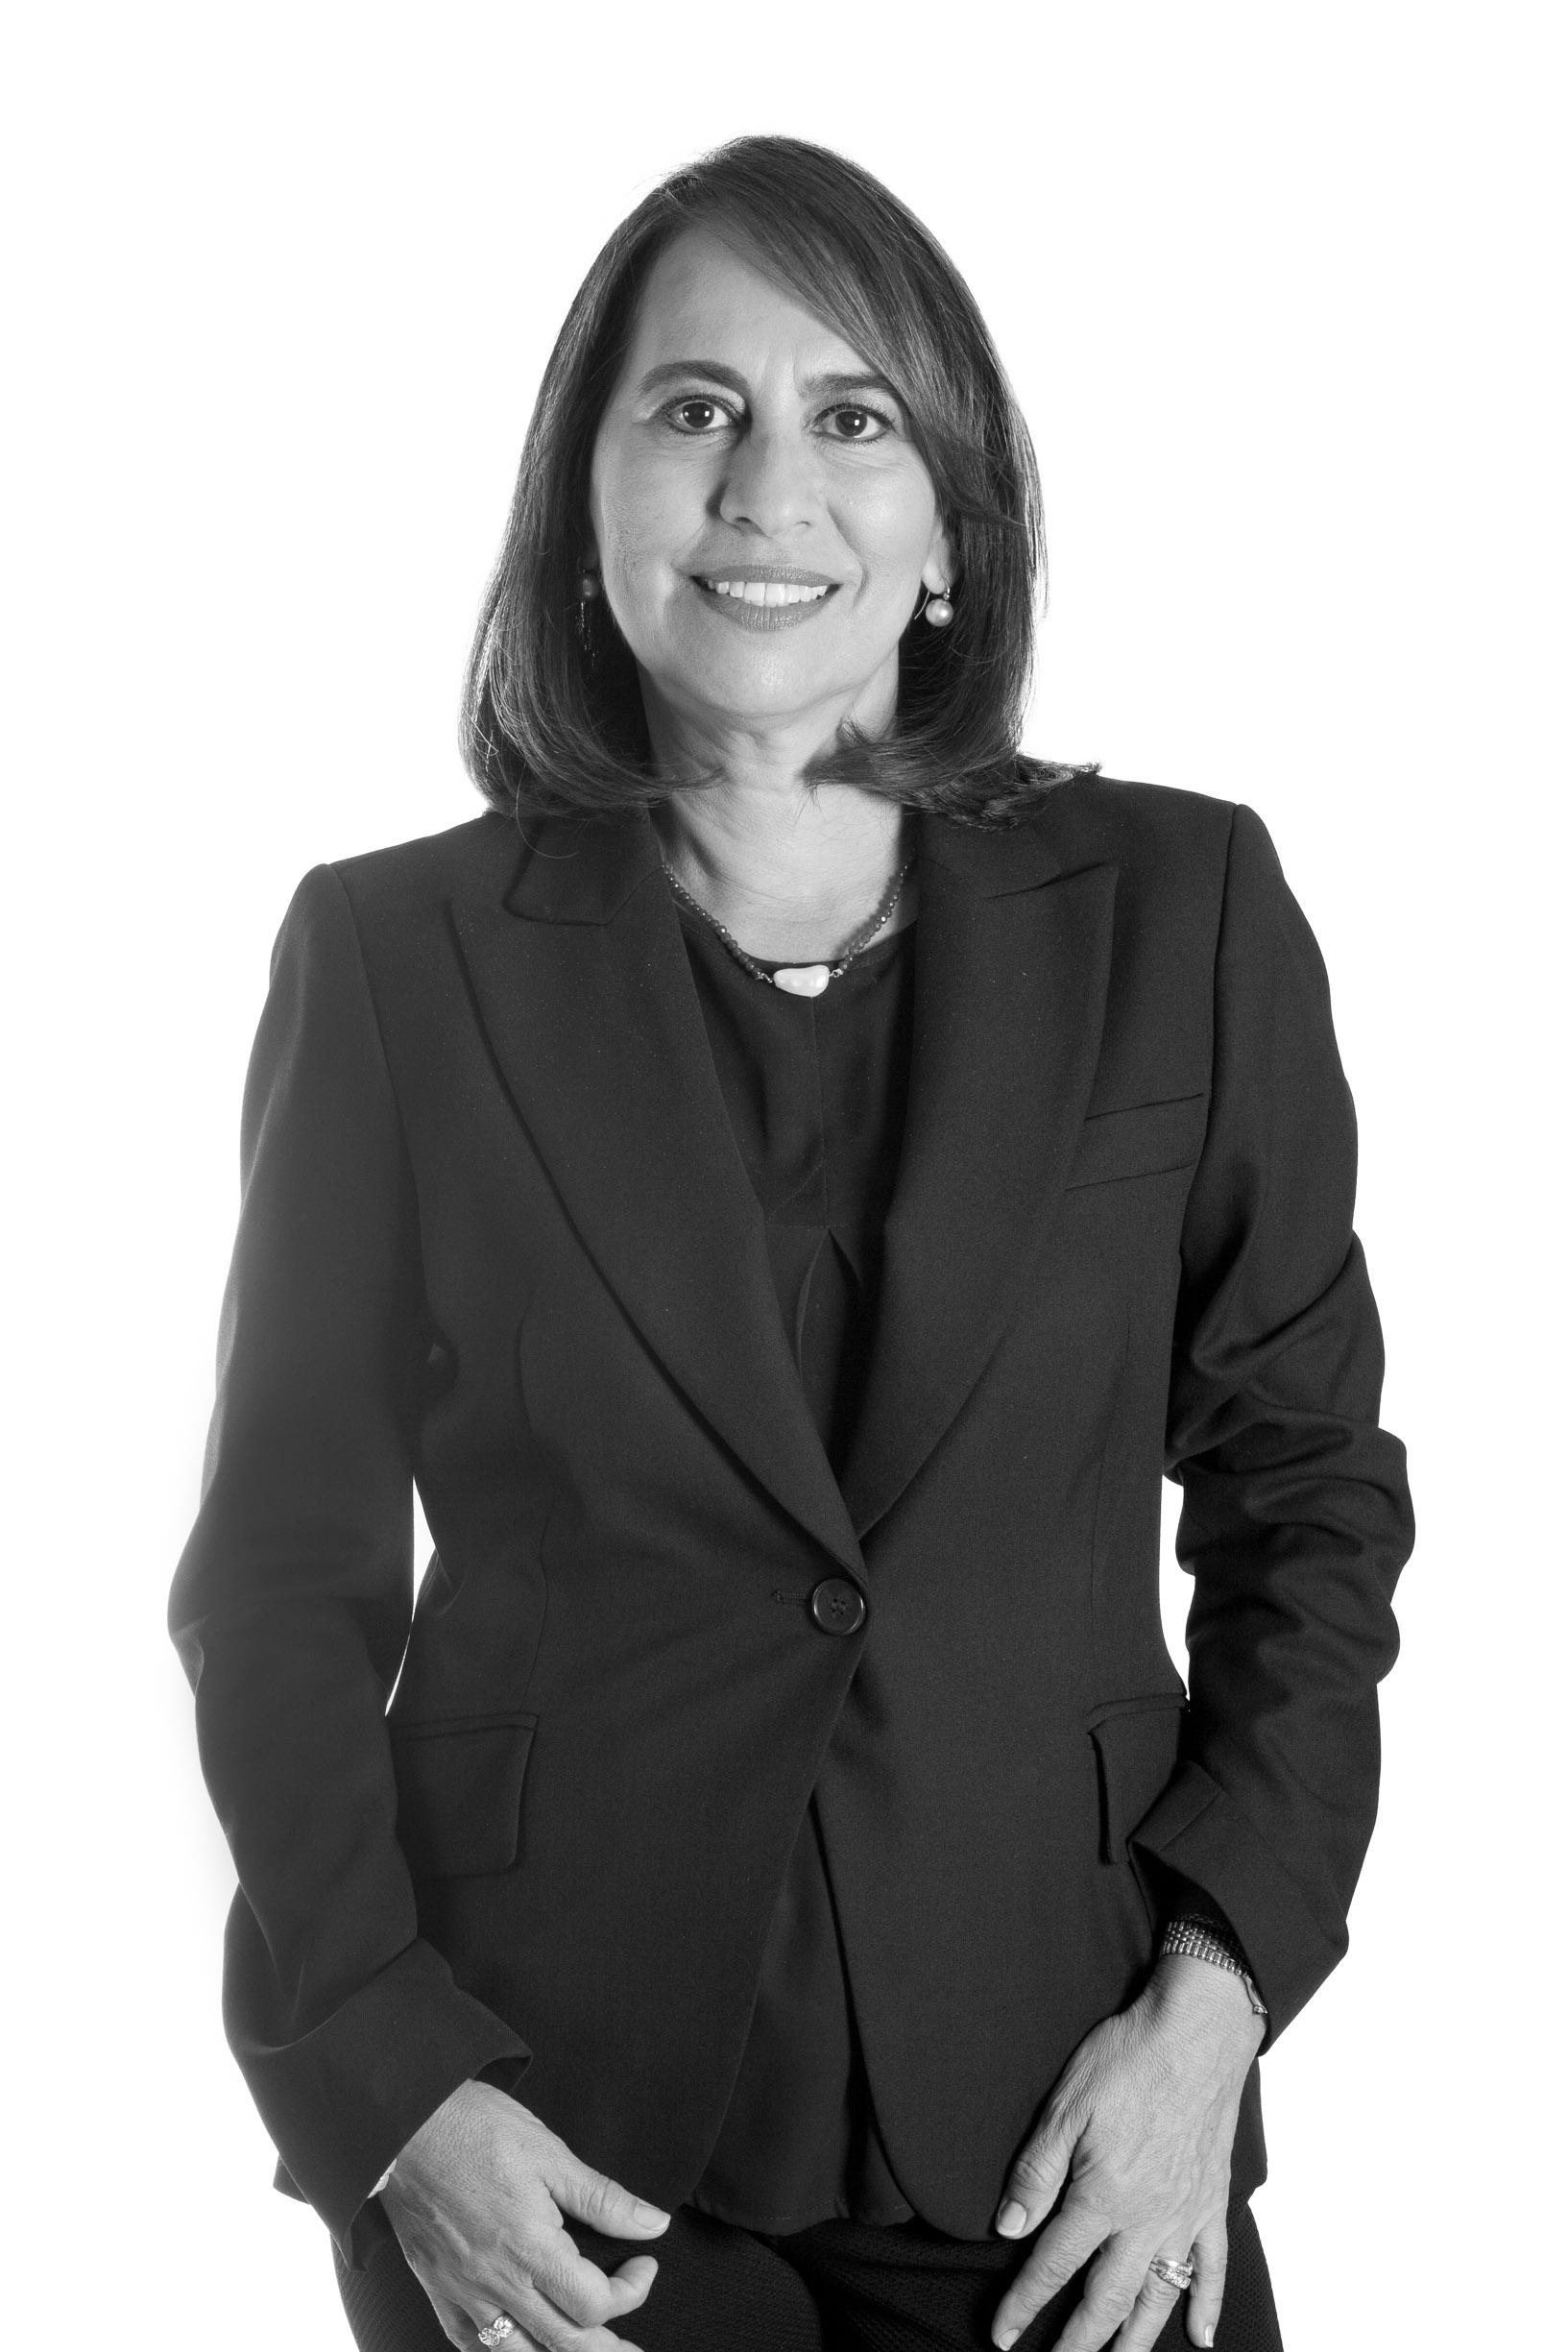 Leticia Villareal